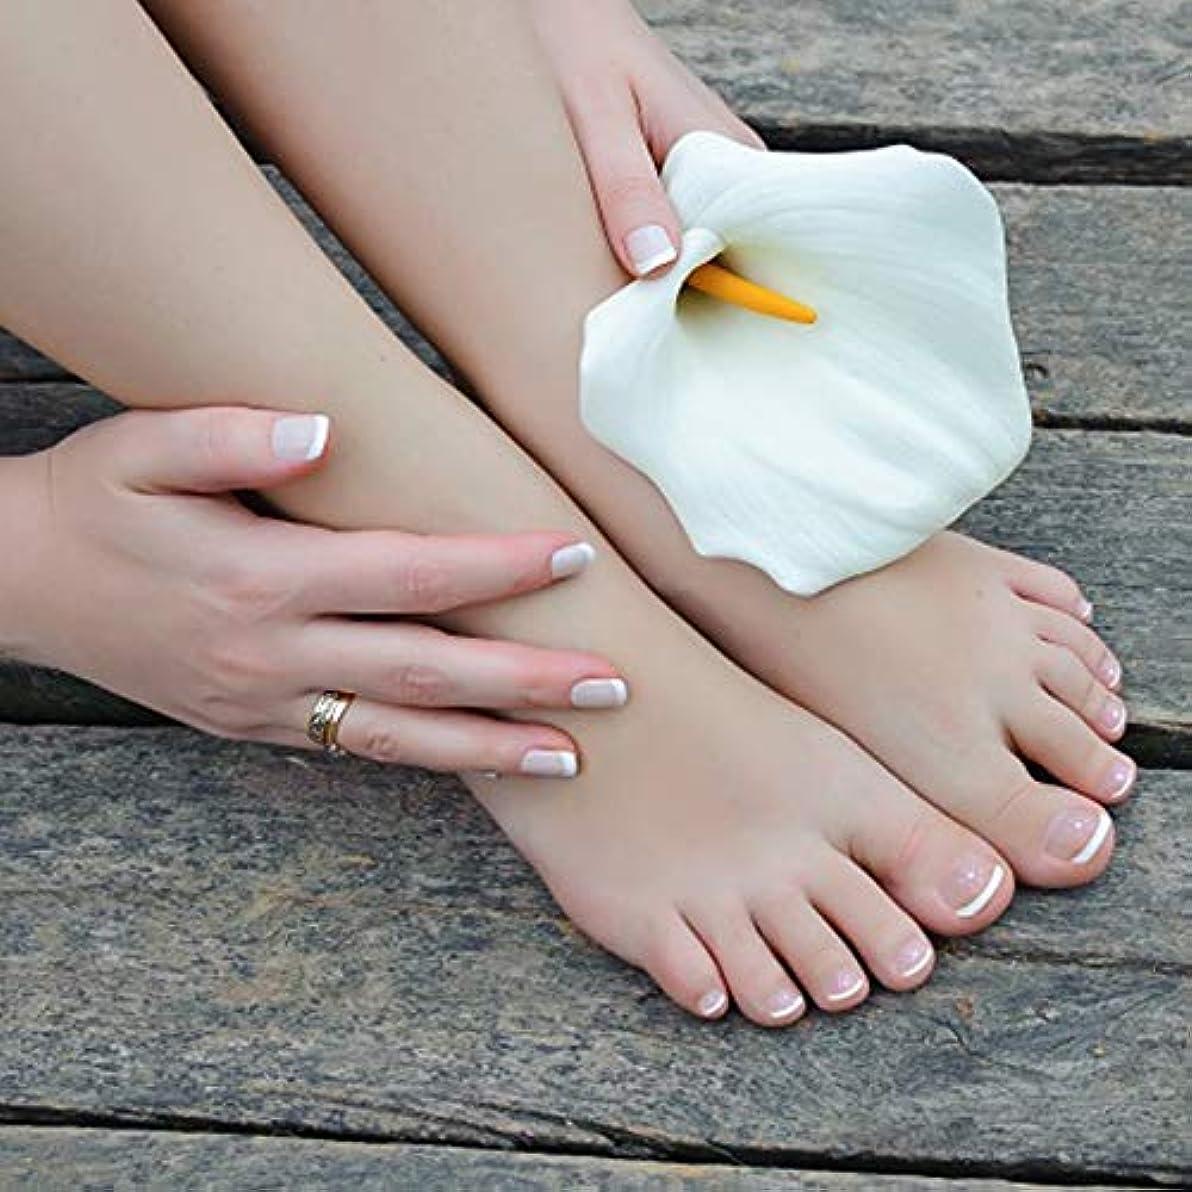 なぞらえるサンダー苦痛XUTXZKA つま先の指のための楕円形の24個の偽の爪のつま先ネイルのヒントホワイトカラーの偽のネイルキット